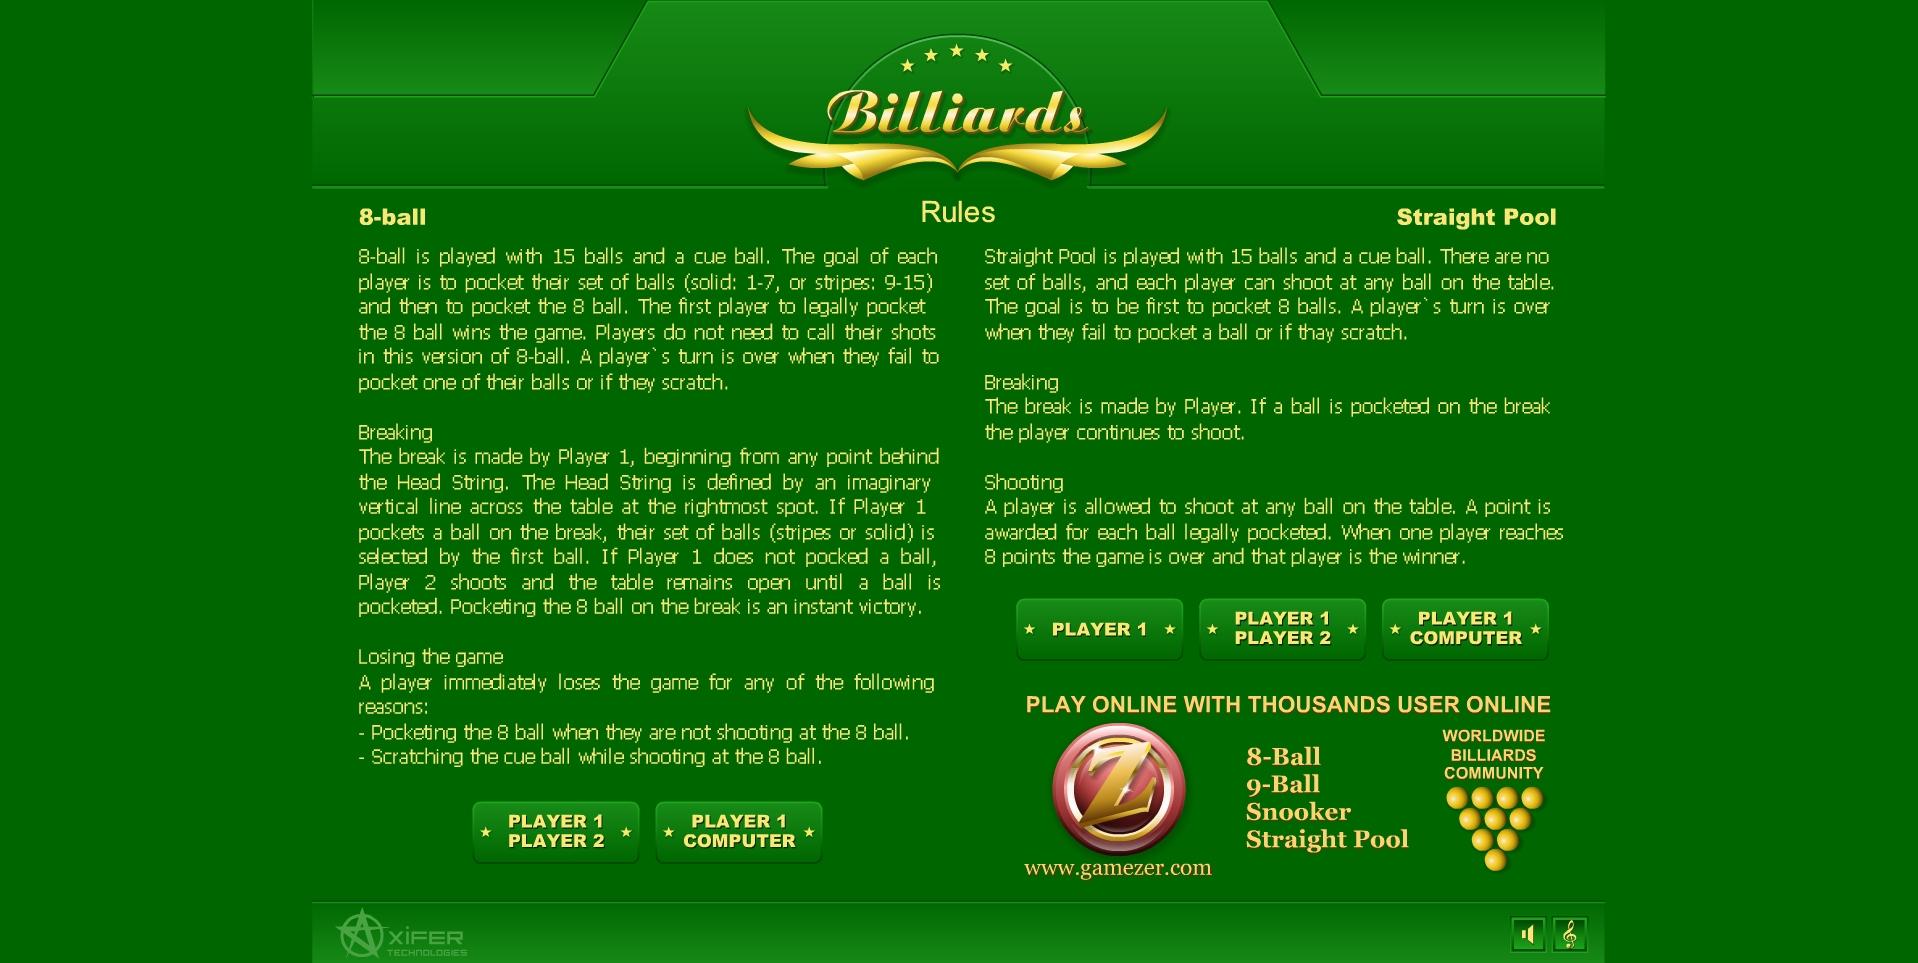 Jeu Billard Billiards Gratuit En Ligne pour Jeux Billard En Ligne Gratuit